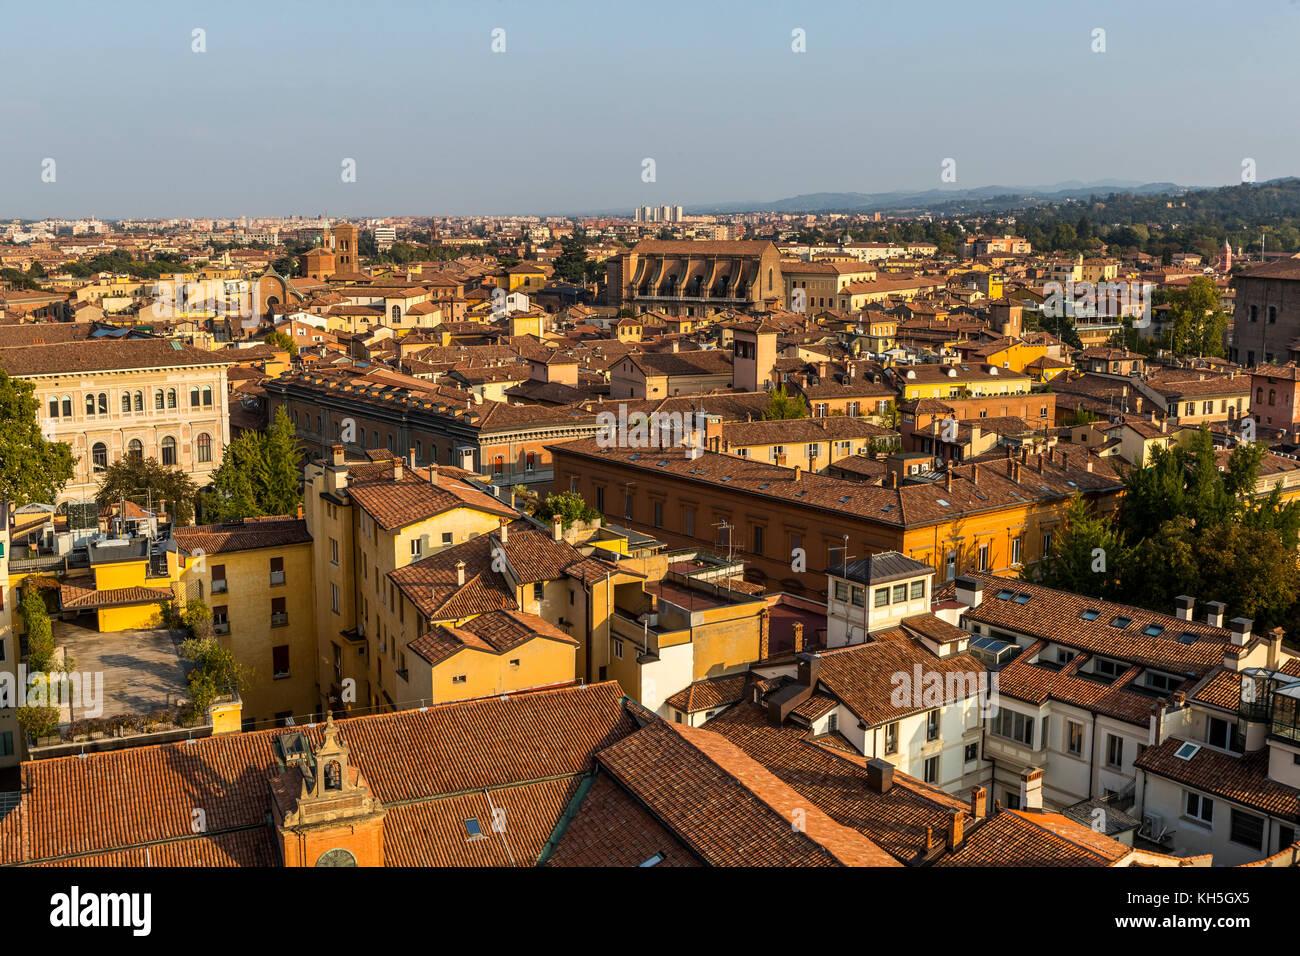 El horizonte de la ciudad de Bolonia desde la Terrazza di San Petronio mirador Teniendo en